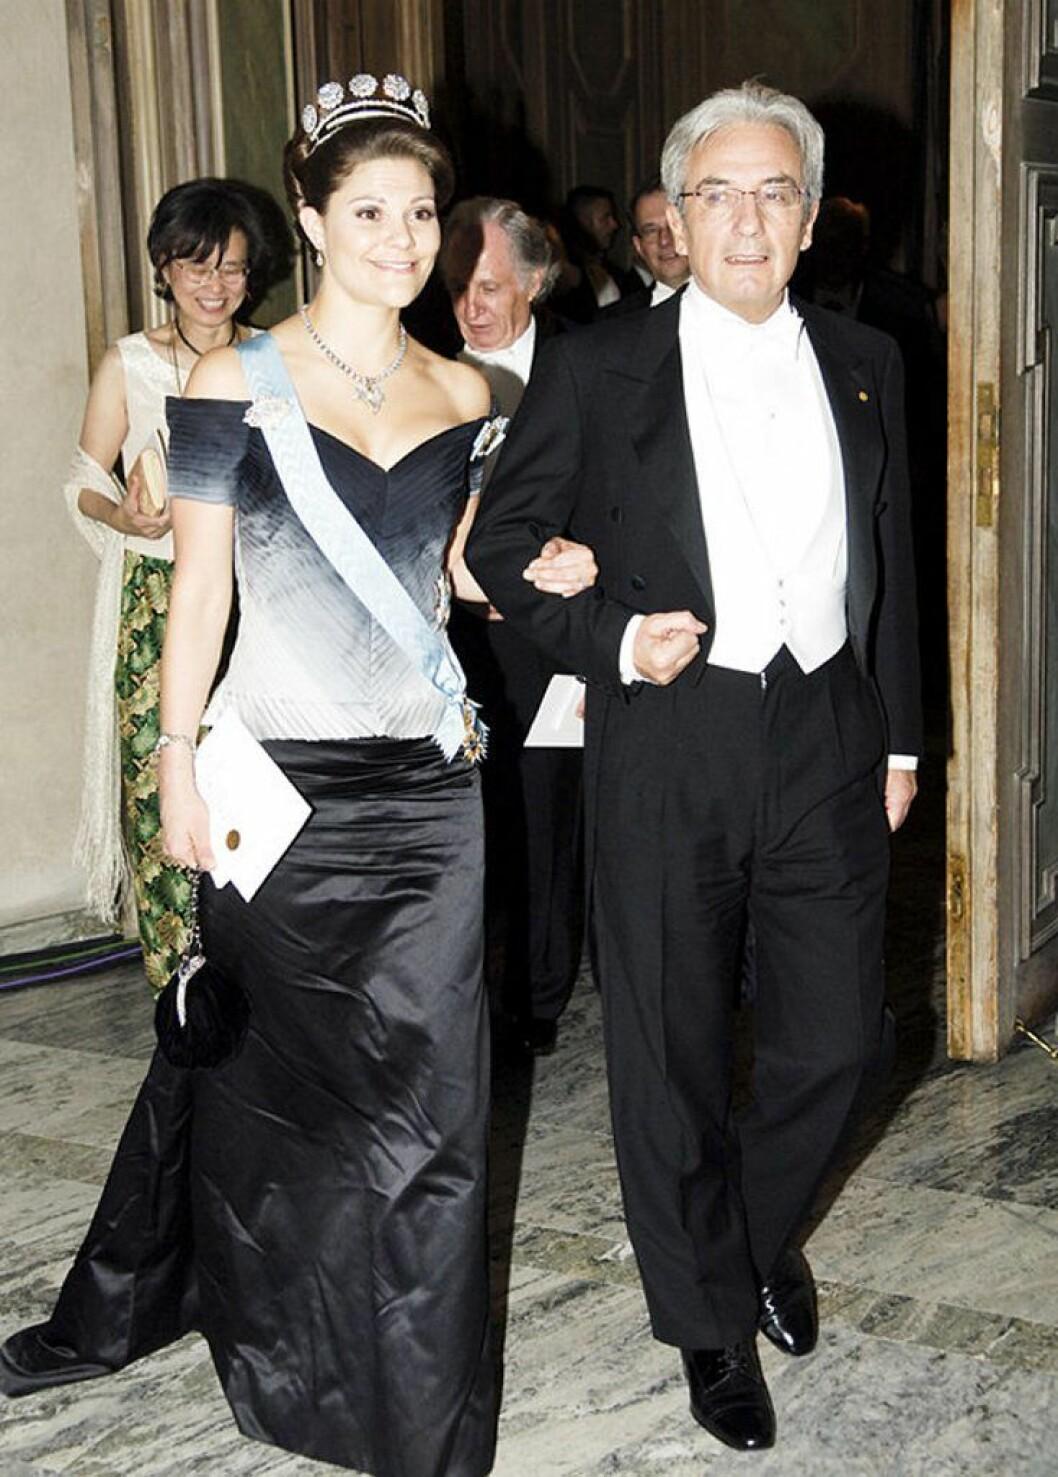 Kronprinsessan Victoria i en klänning av Pär Engsheden.